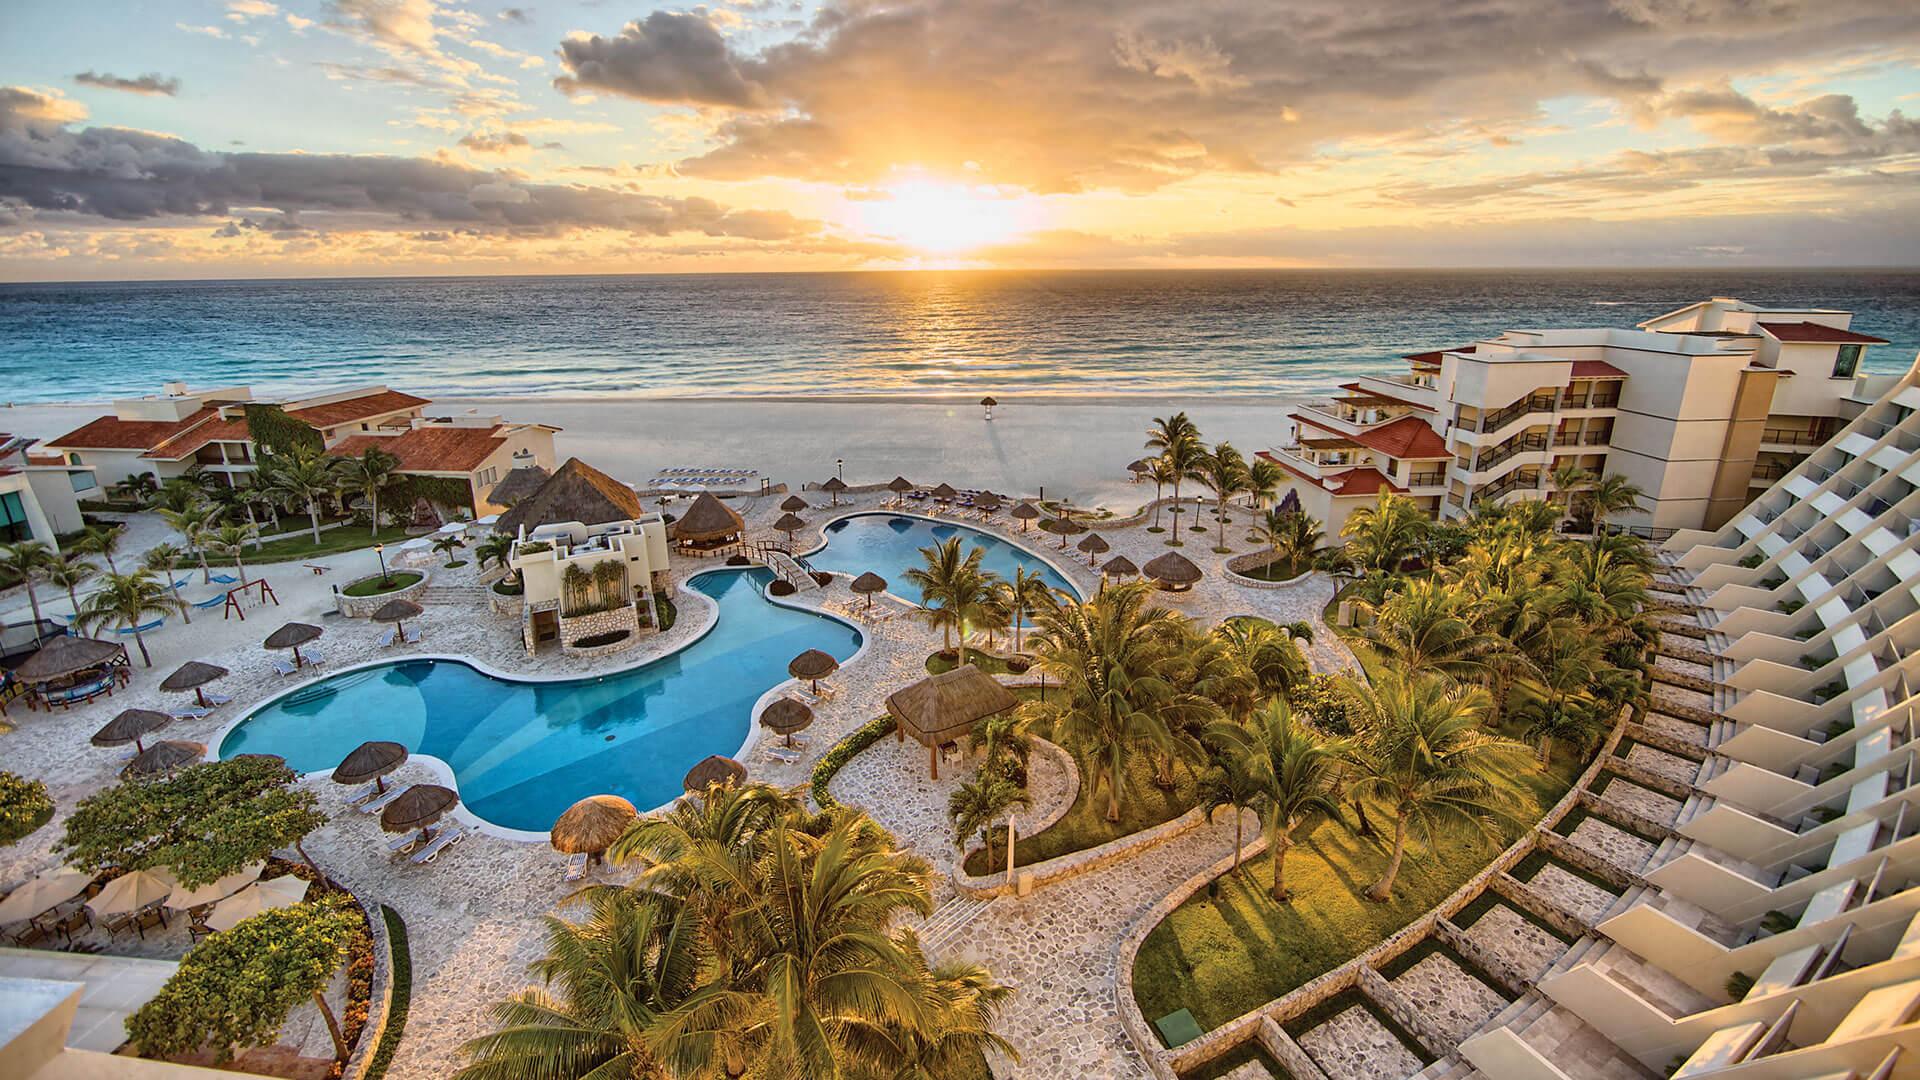 Grand Park Royal Cancn Caribe Quintana Roo  Royal Holiday